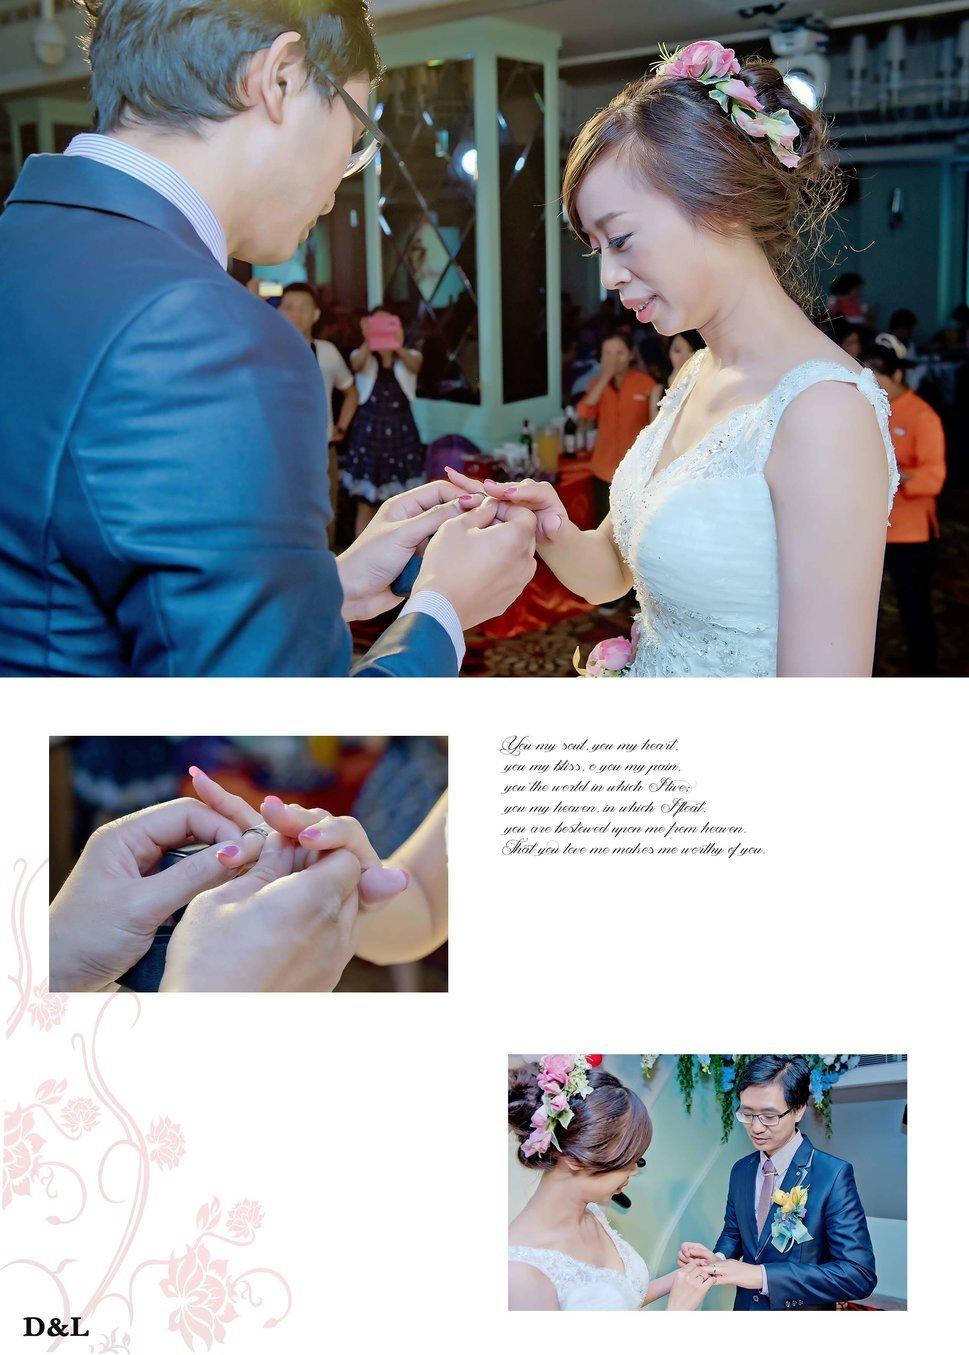 婚禮記錄 維信&佩君(編號:374408) - D&L 婚禮事務-婚禮攝影/婚紗攝影 - 結婚吧一站式婚禮服務平台